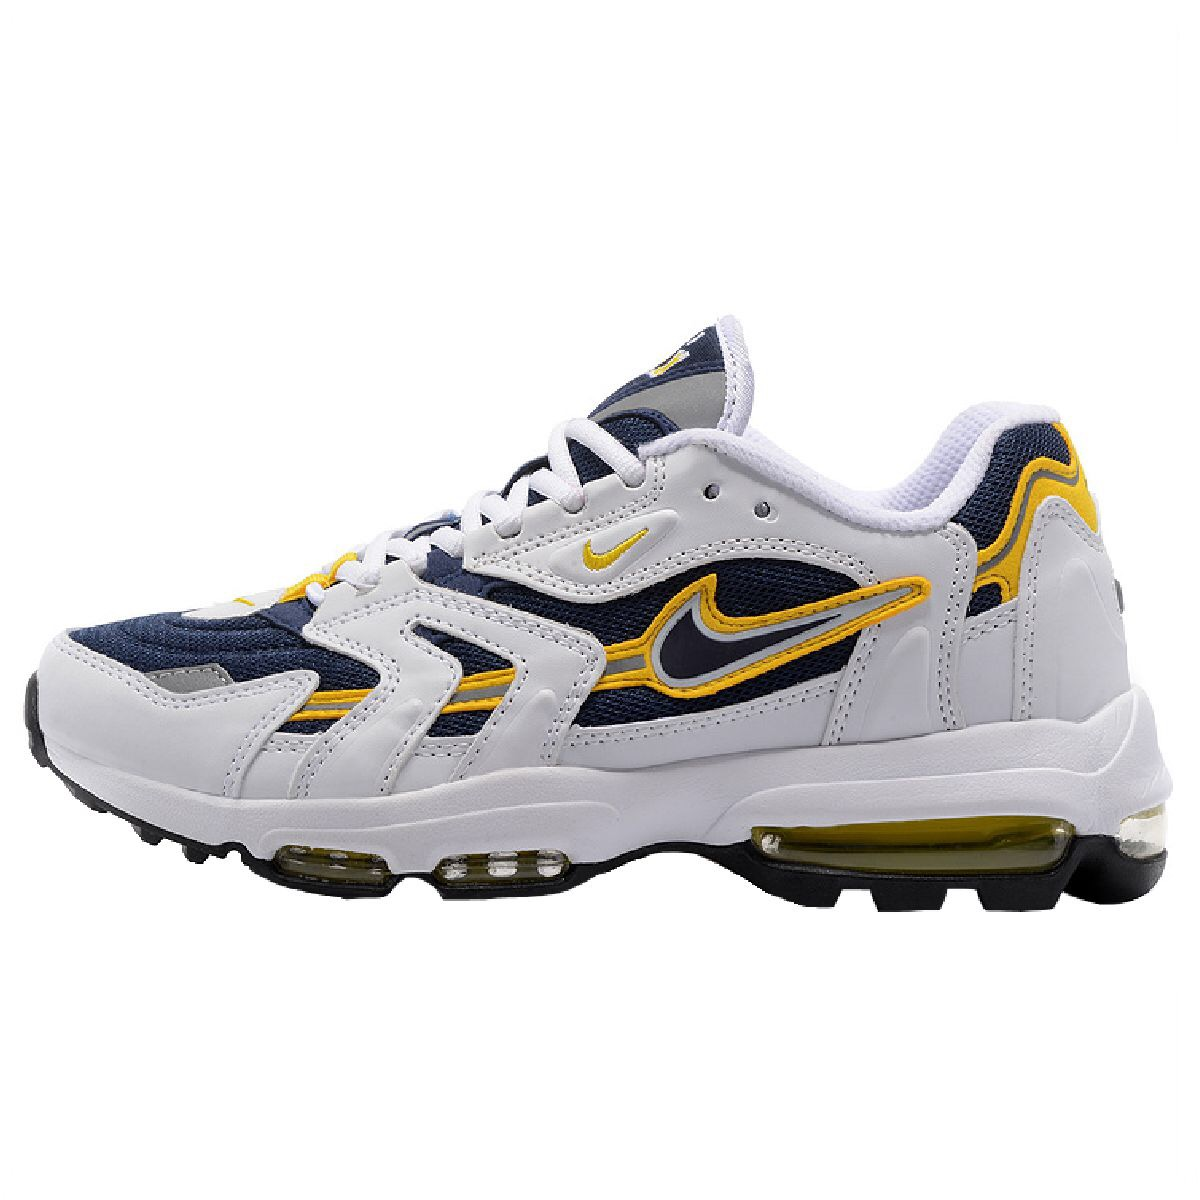 کفش مخصوص پیاده روی مردانه مدل air max 96 کد ۱۰۳